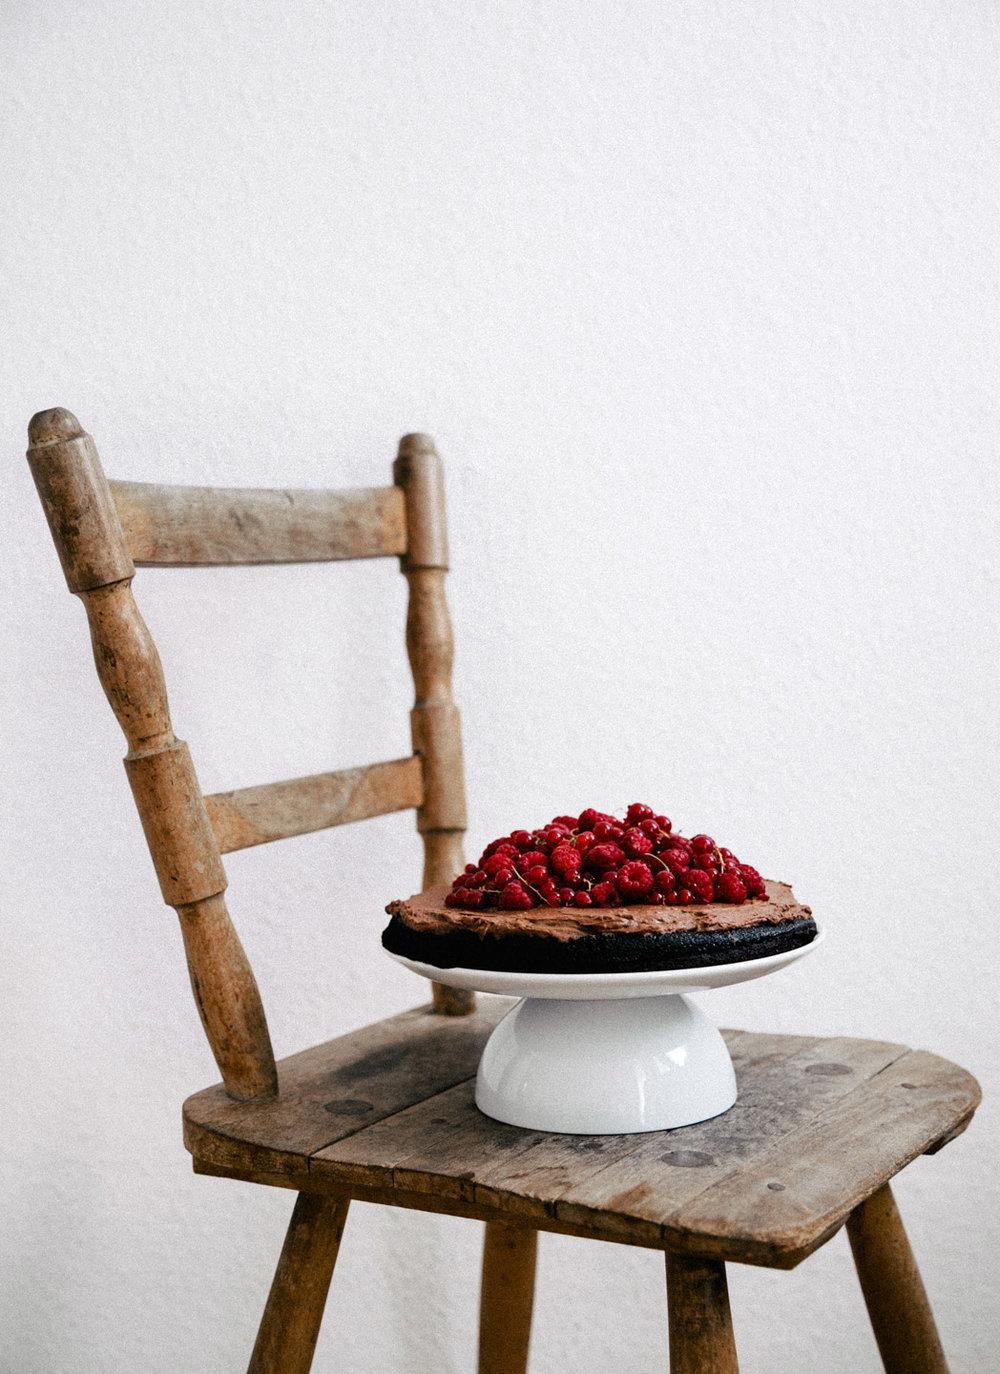 schokoladenkuchen-rezept-food-berlin